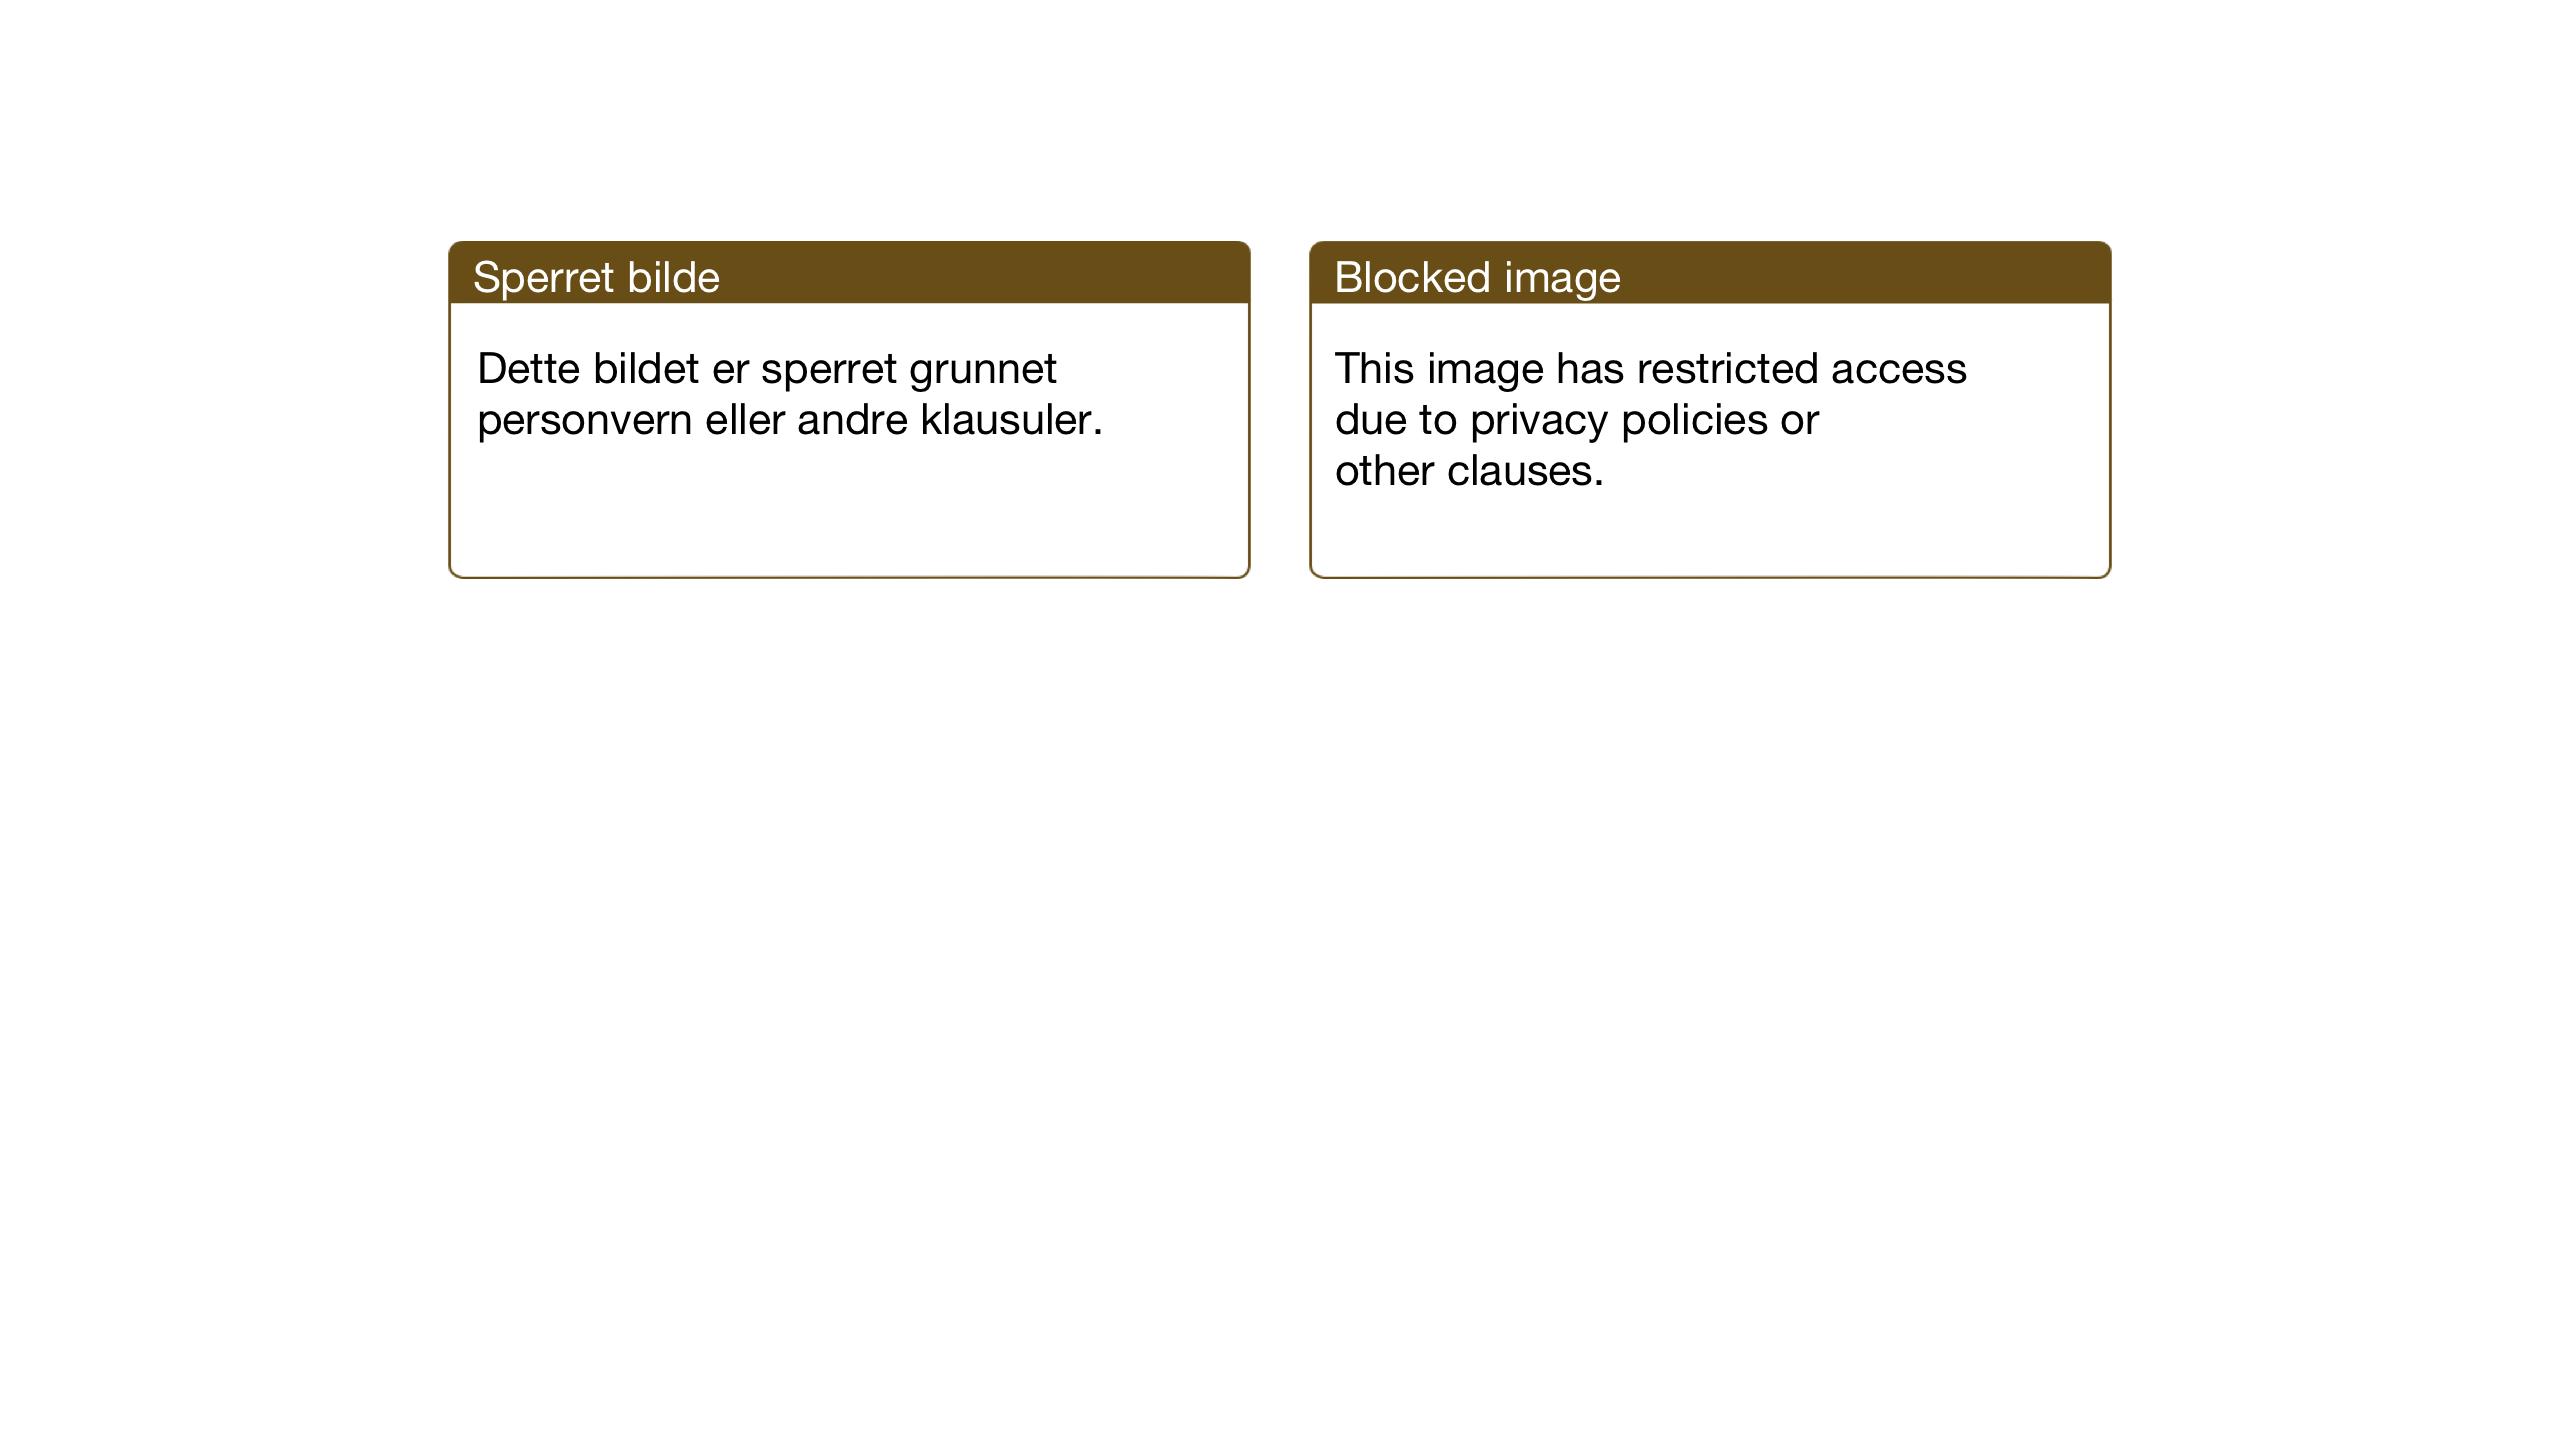 SAT, Ministerialprotokoller, klokkerbøker og fødselsregistre - Sør-Trøndelag, 686/L0986: Klokkerbok nr. 686C02, 1933-1950, s. 71